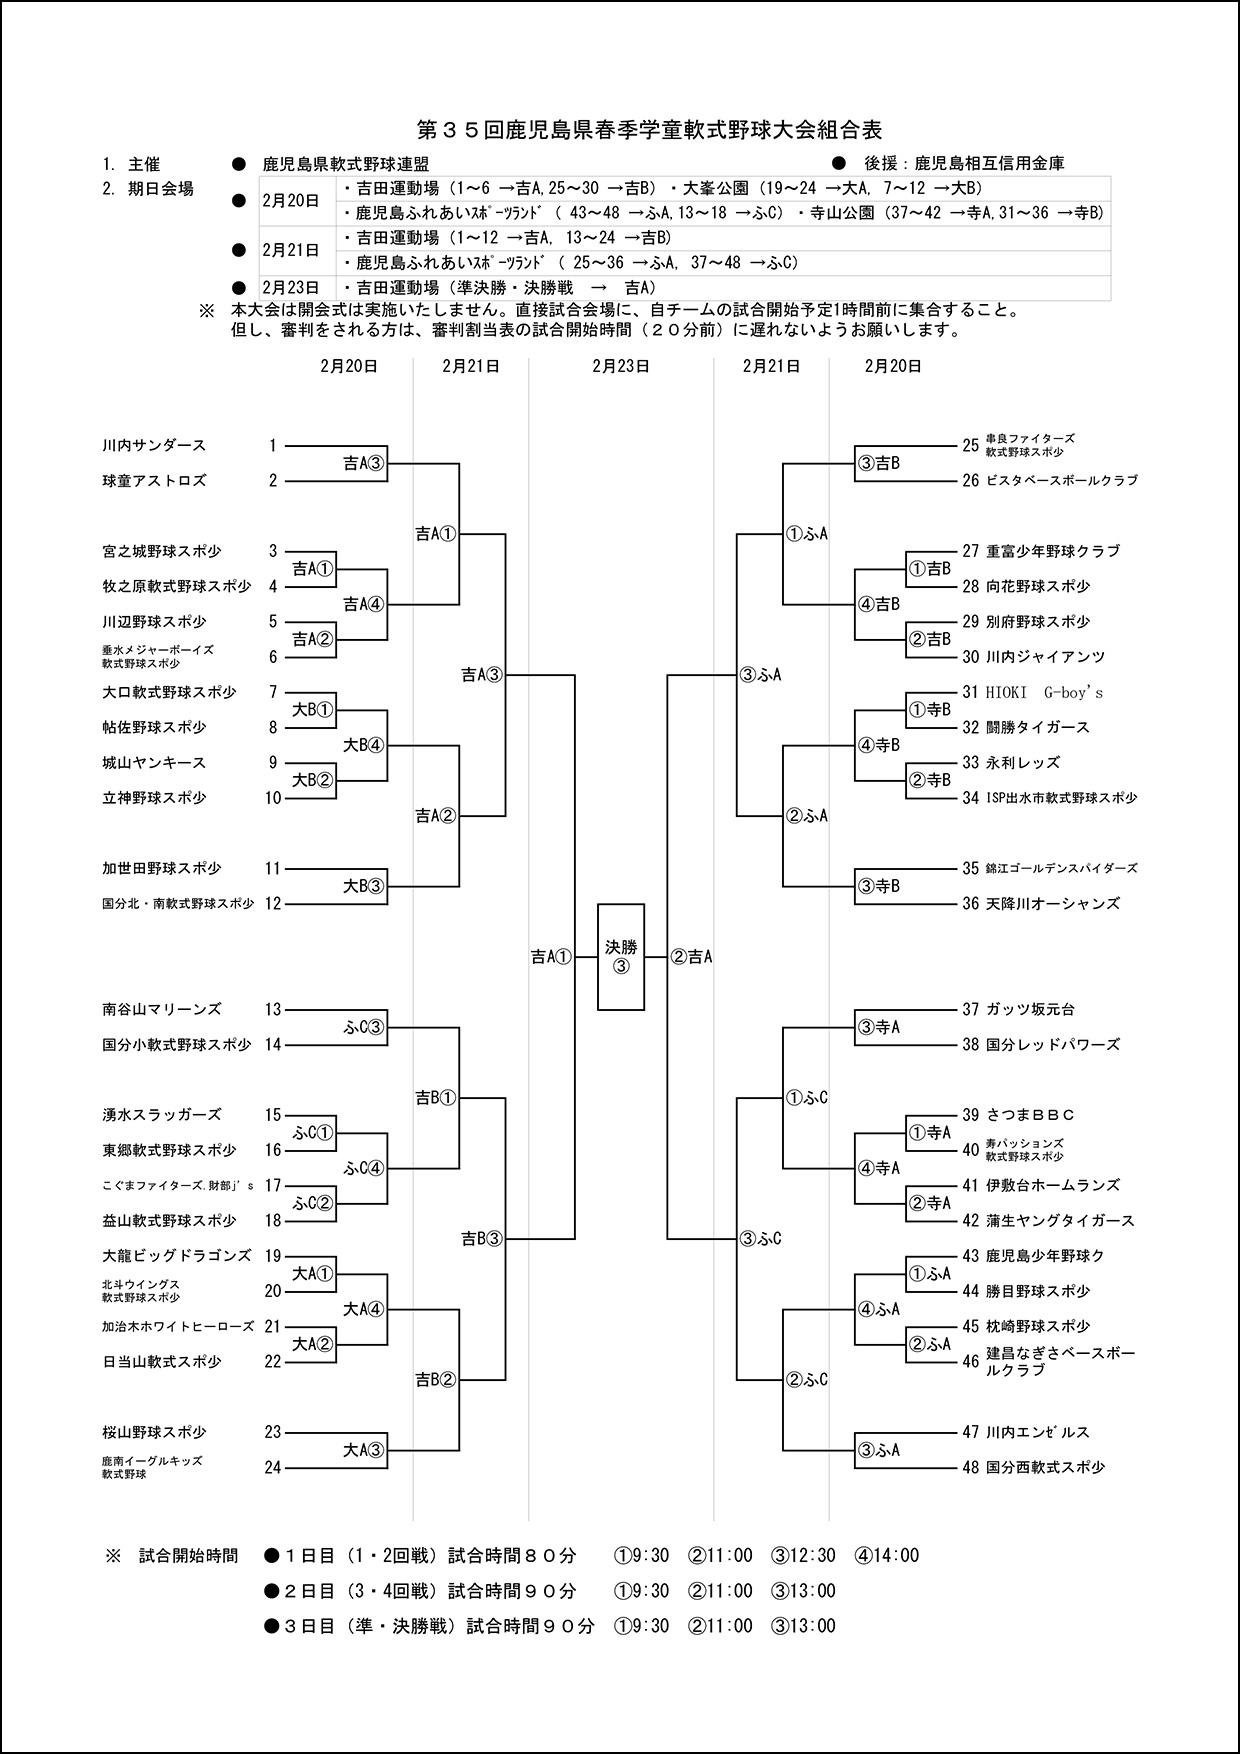 【組み合わせ】第35回県春季学童大会